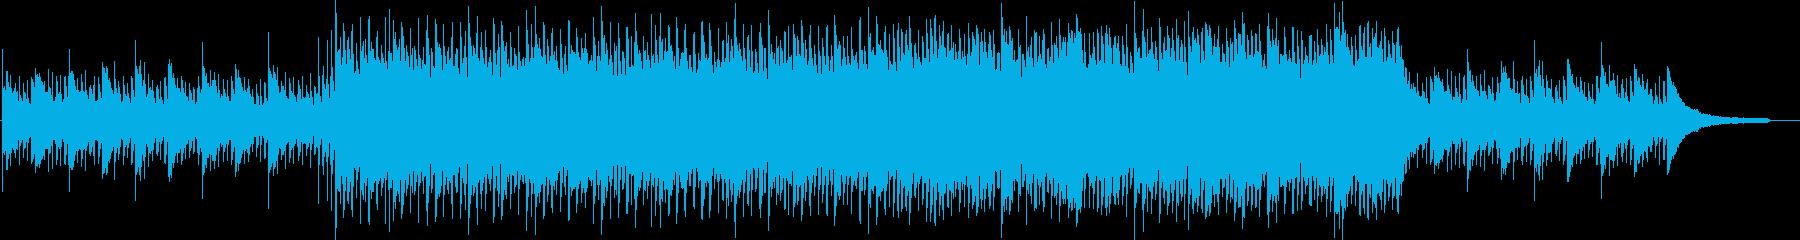 意志の強い爽やかで力強いBGMの再生済みの波形